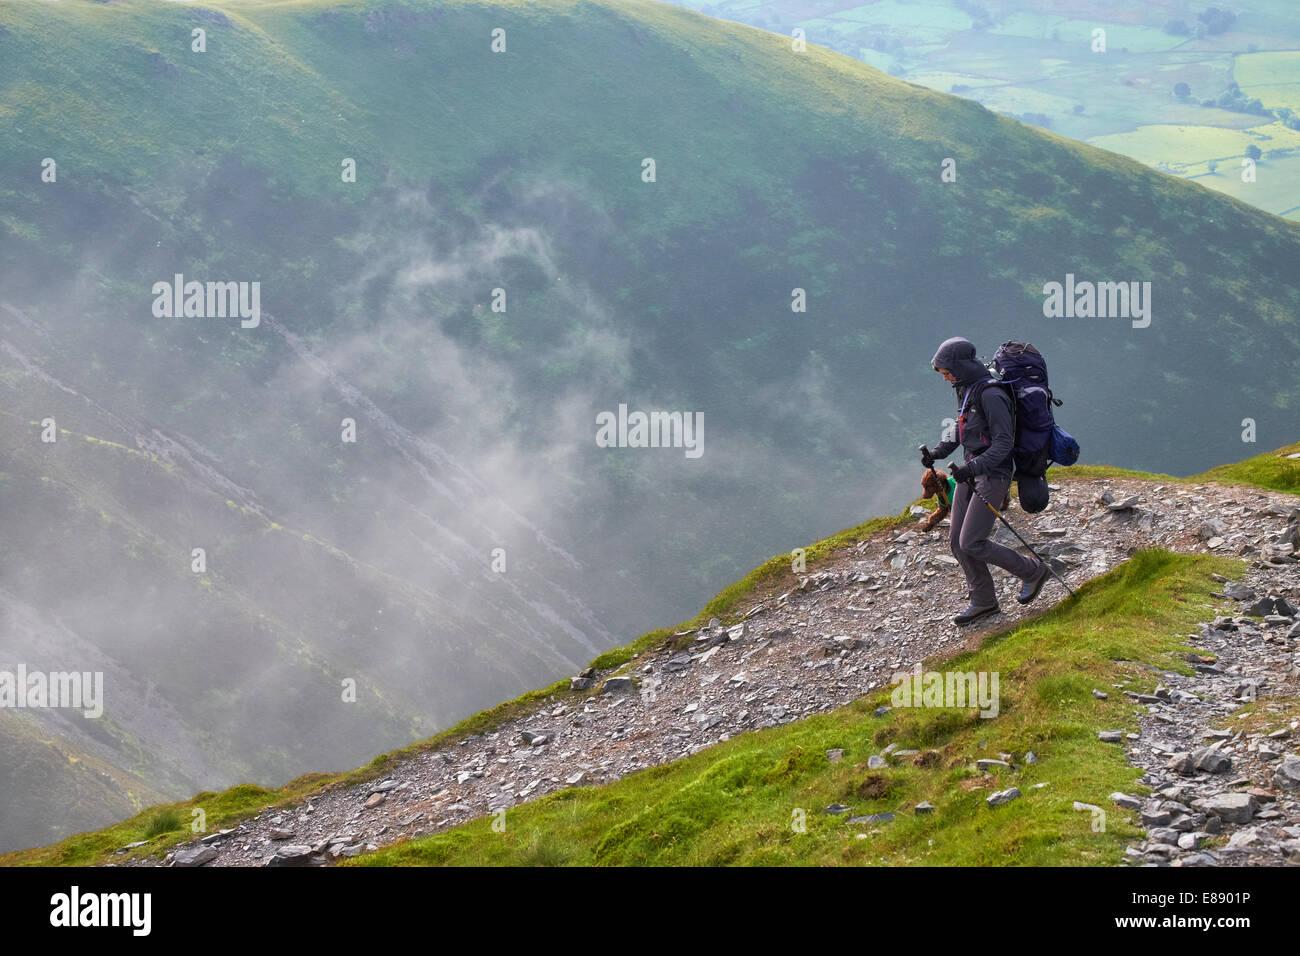 Un escursionista scendendo le scale è sceso dal vertice di Blencathra nel distretto del lago, Cumbria, England.UK. Immagini Stock